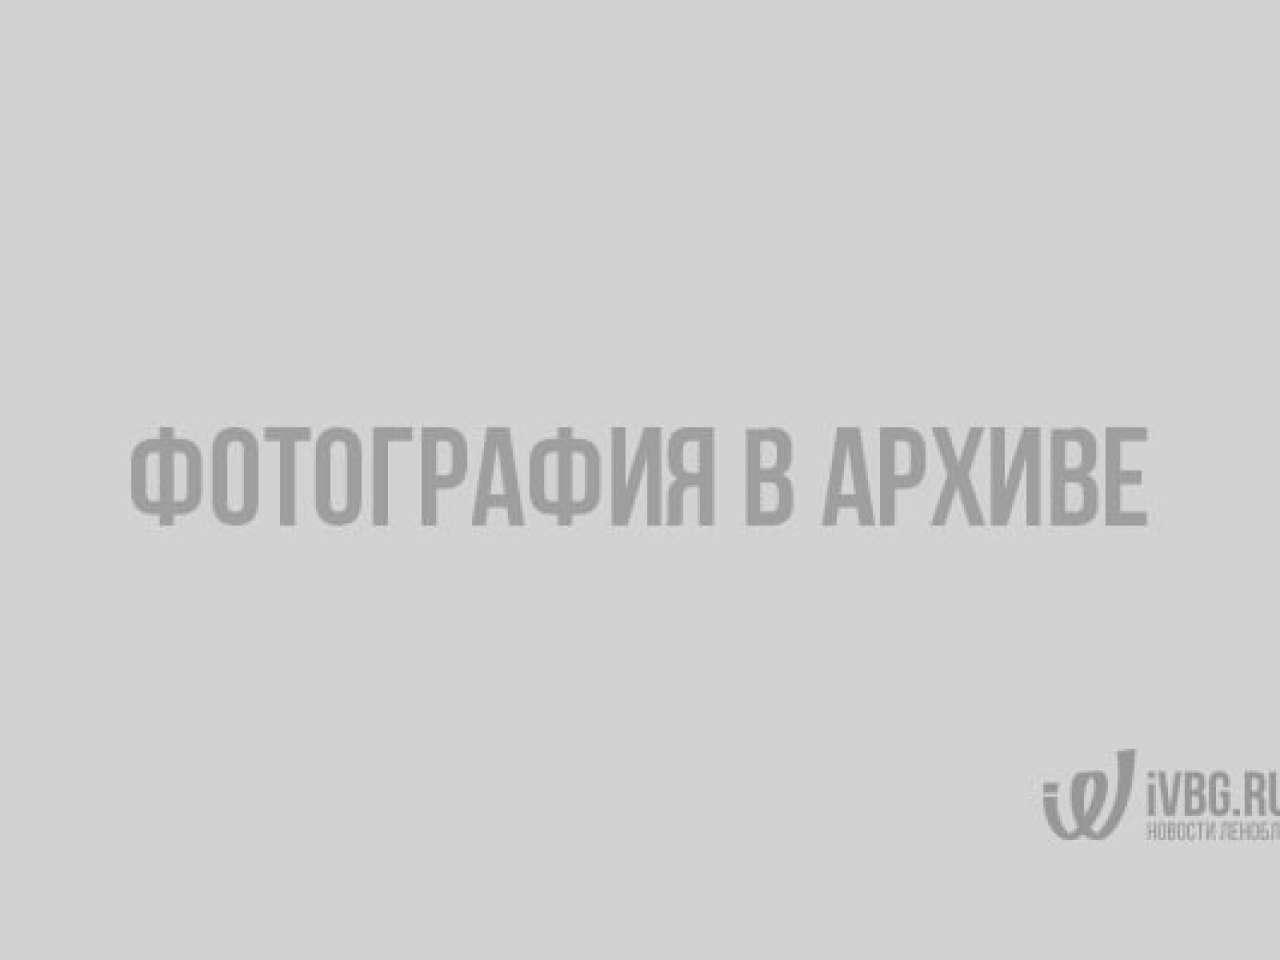 """""""Киберэлектрик 2021"""": На Октябрьской железной дороге осваивают VR-технологии — фото Электрики, октябрьская железная дорога, виртуальная реальность, VR-технологии, VR-очки"""